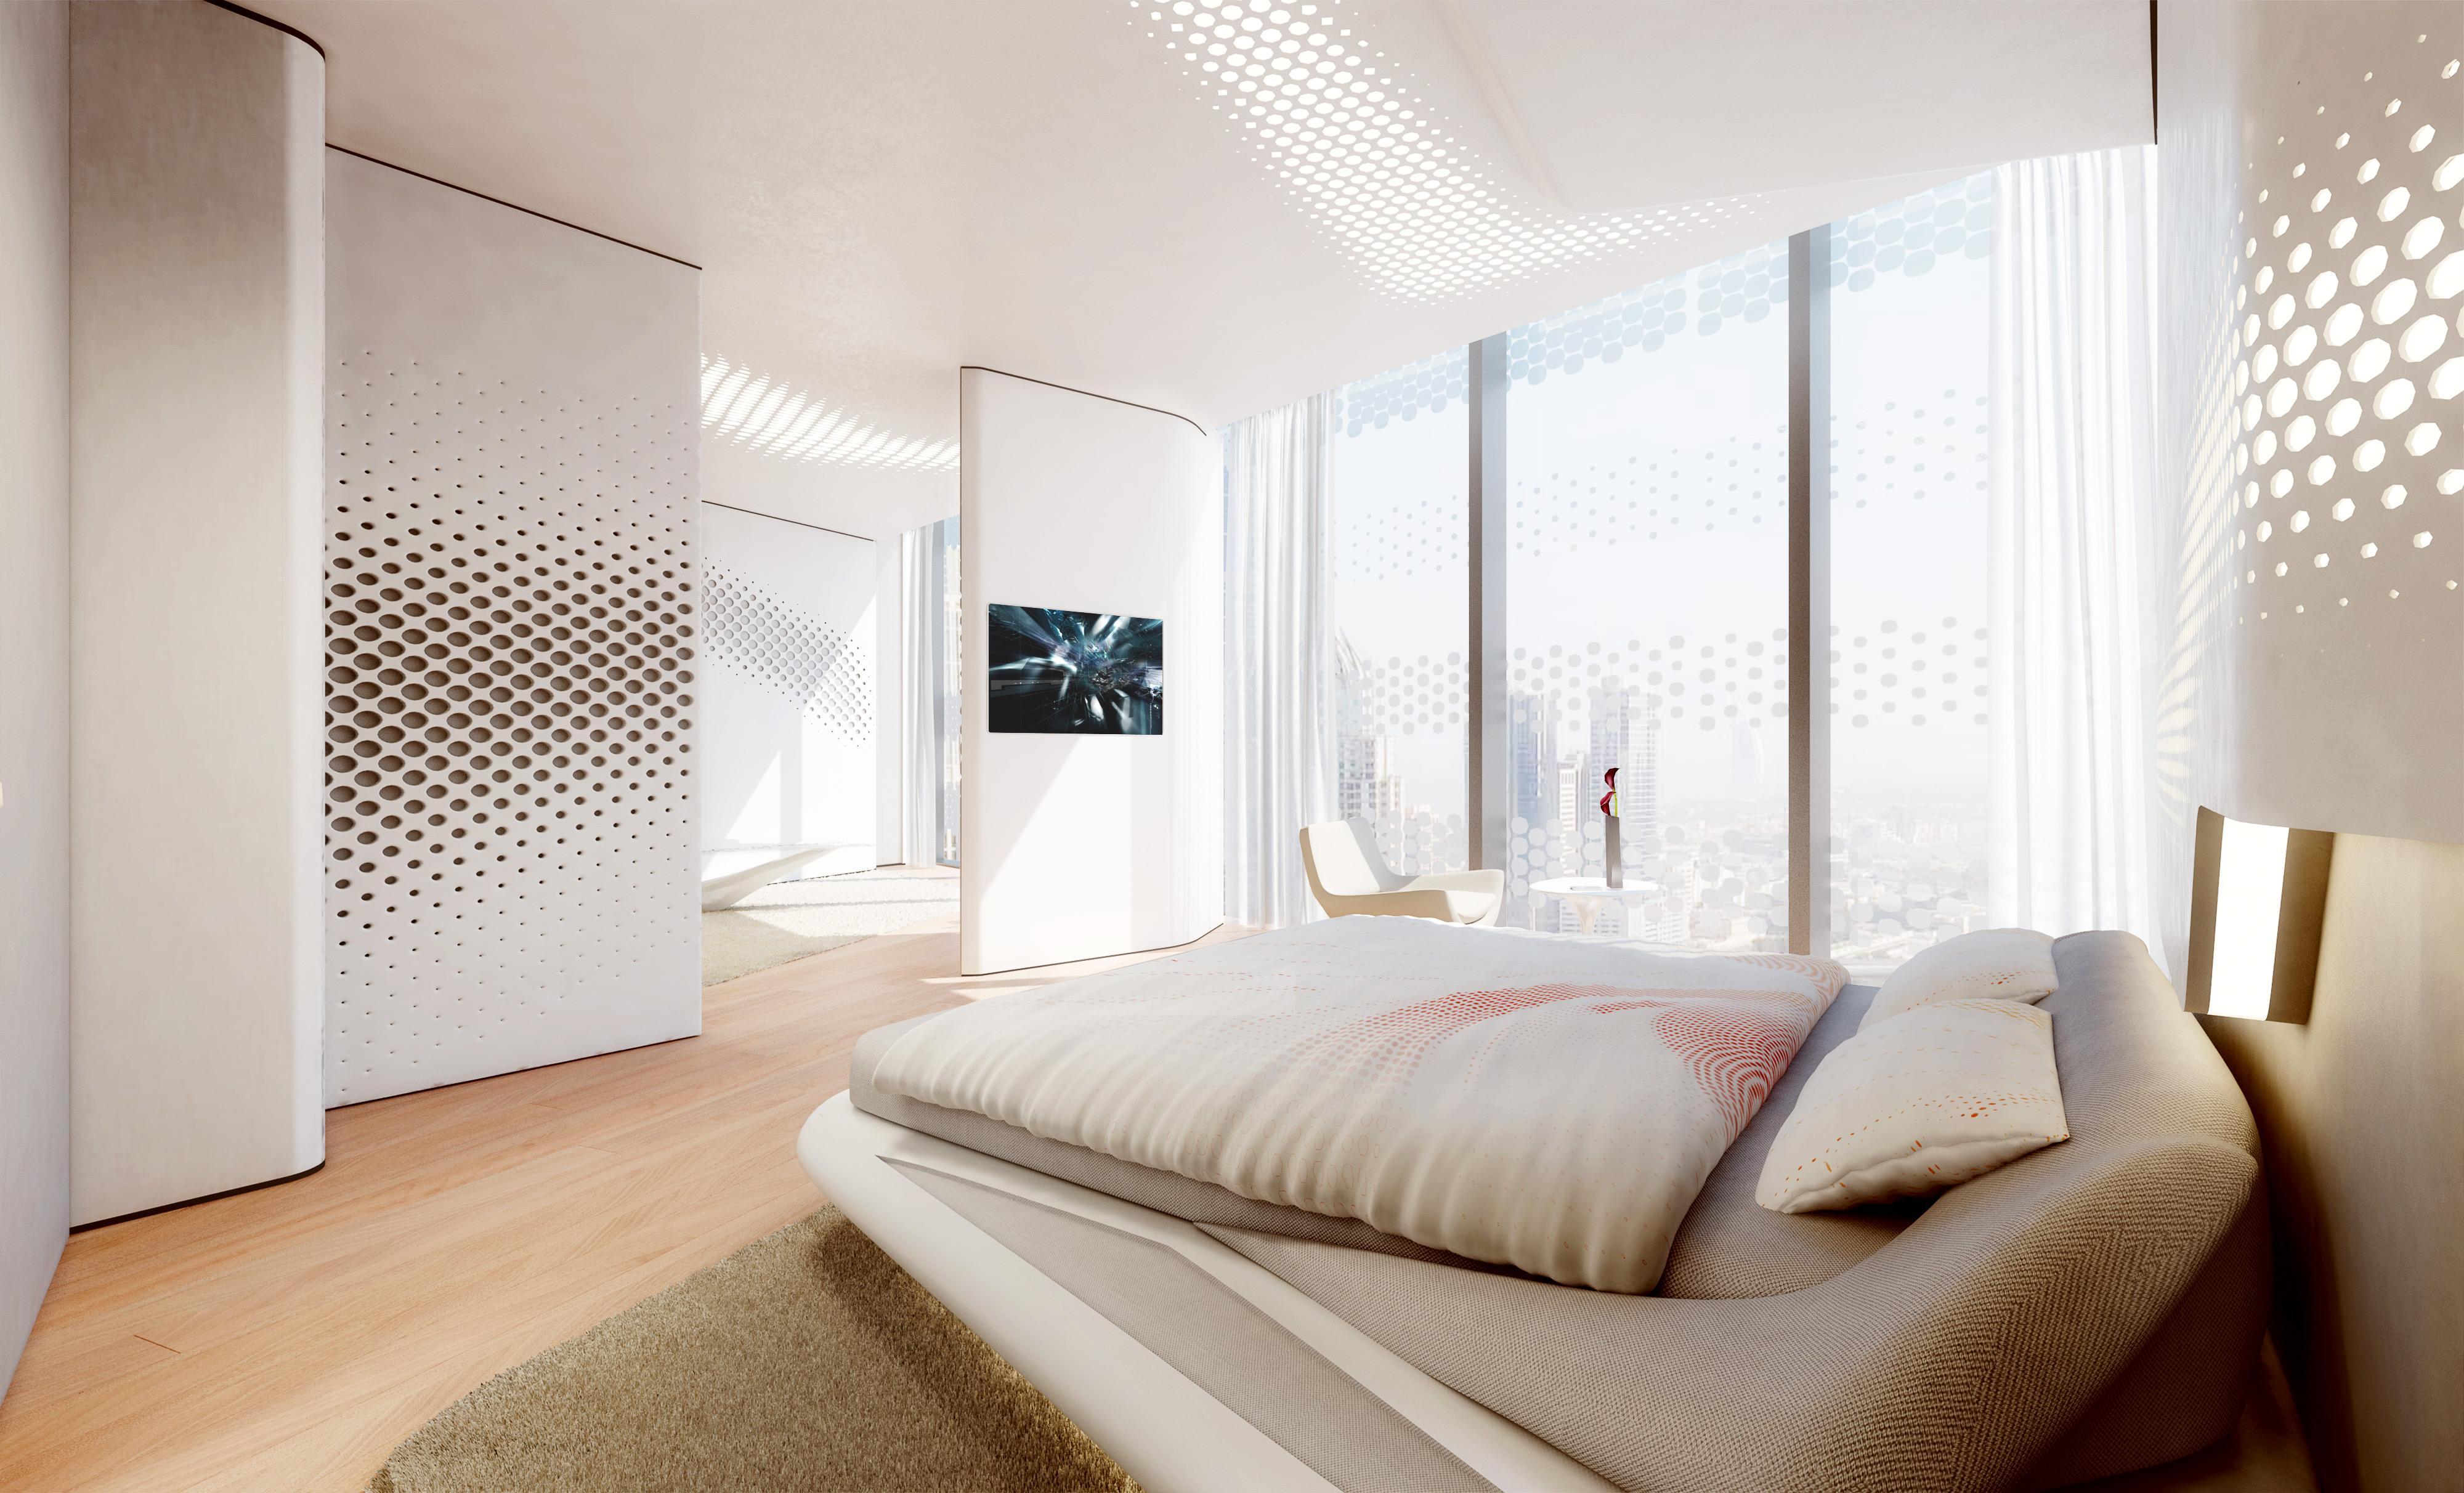 Pareti ondulate finestre dal pavimento al soffitto le - Finestre a soffitto ...